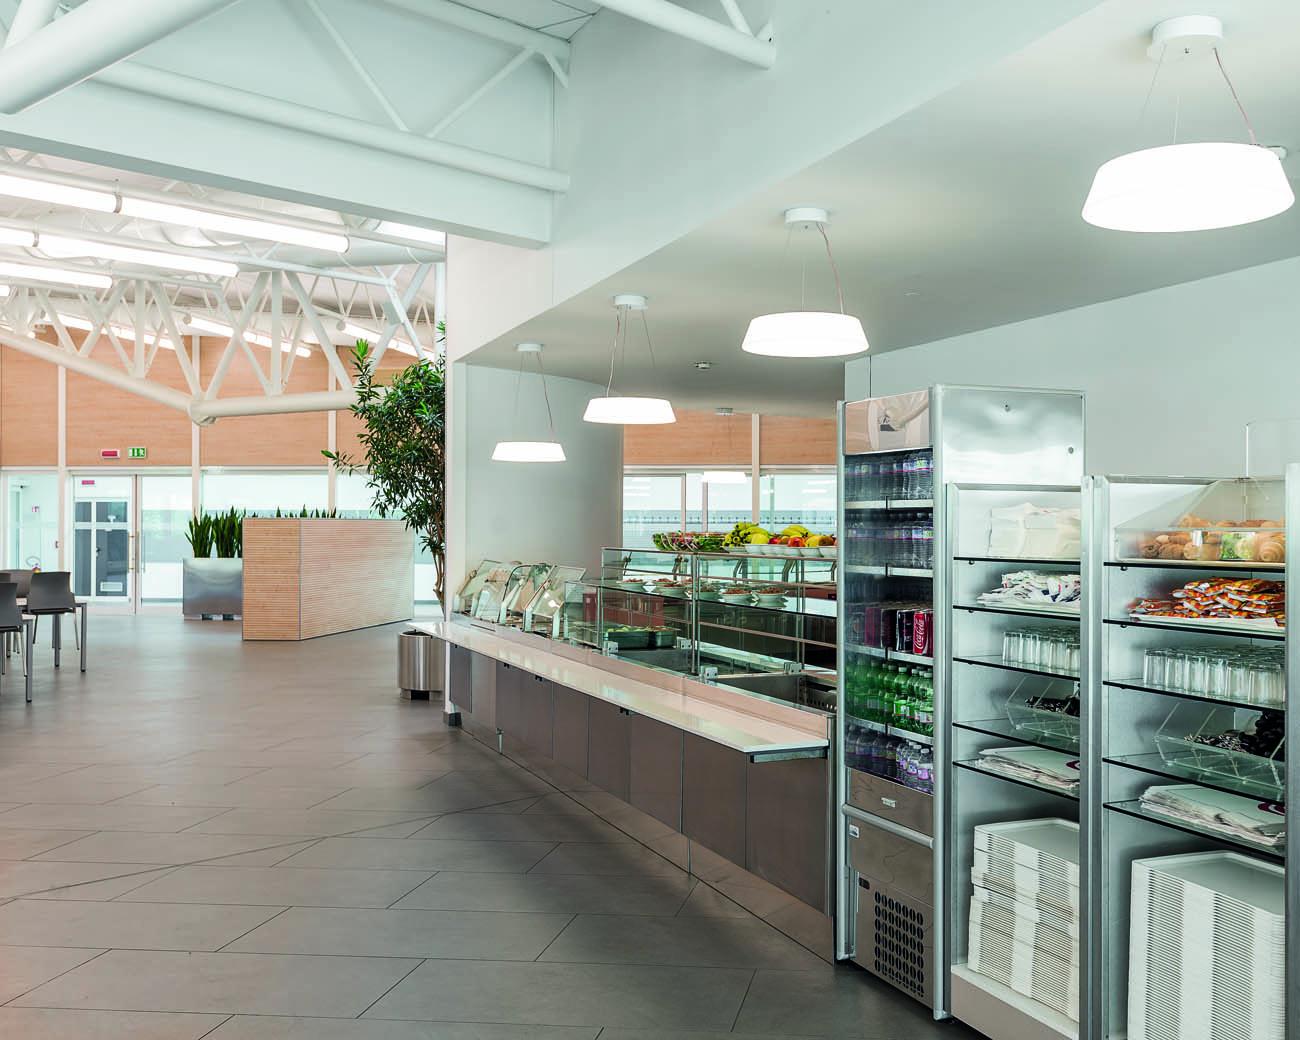 mensa cefla imola_studio tb progettazione architettonica (6)